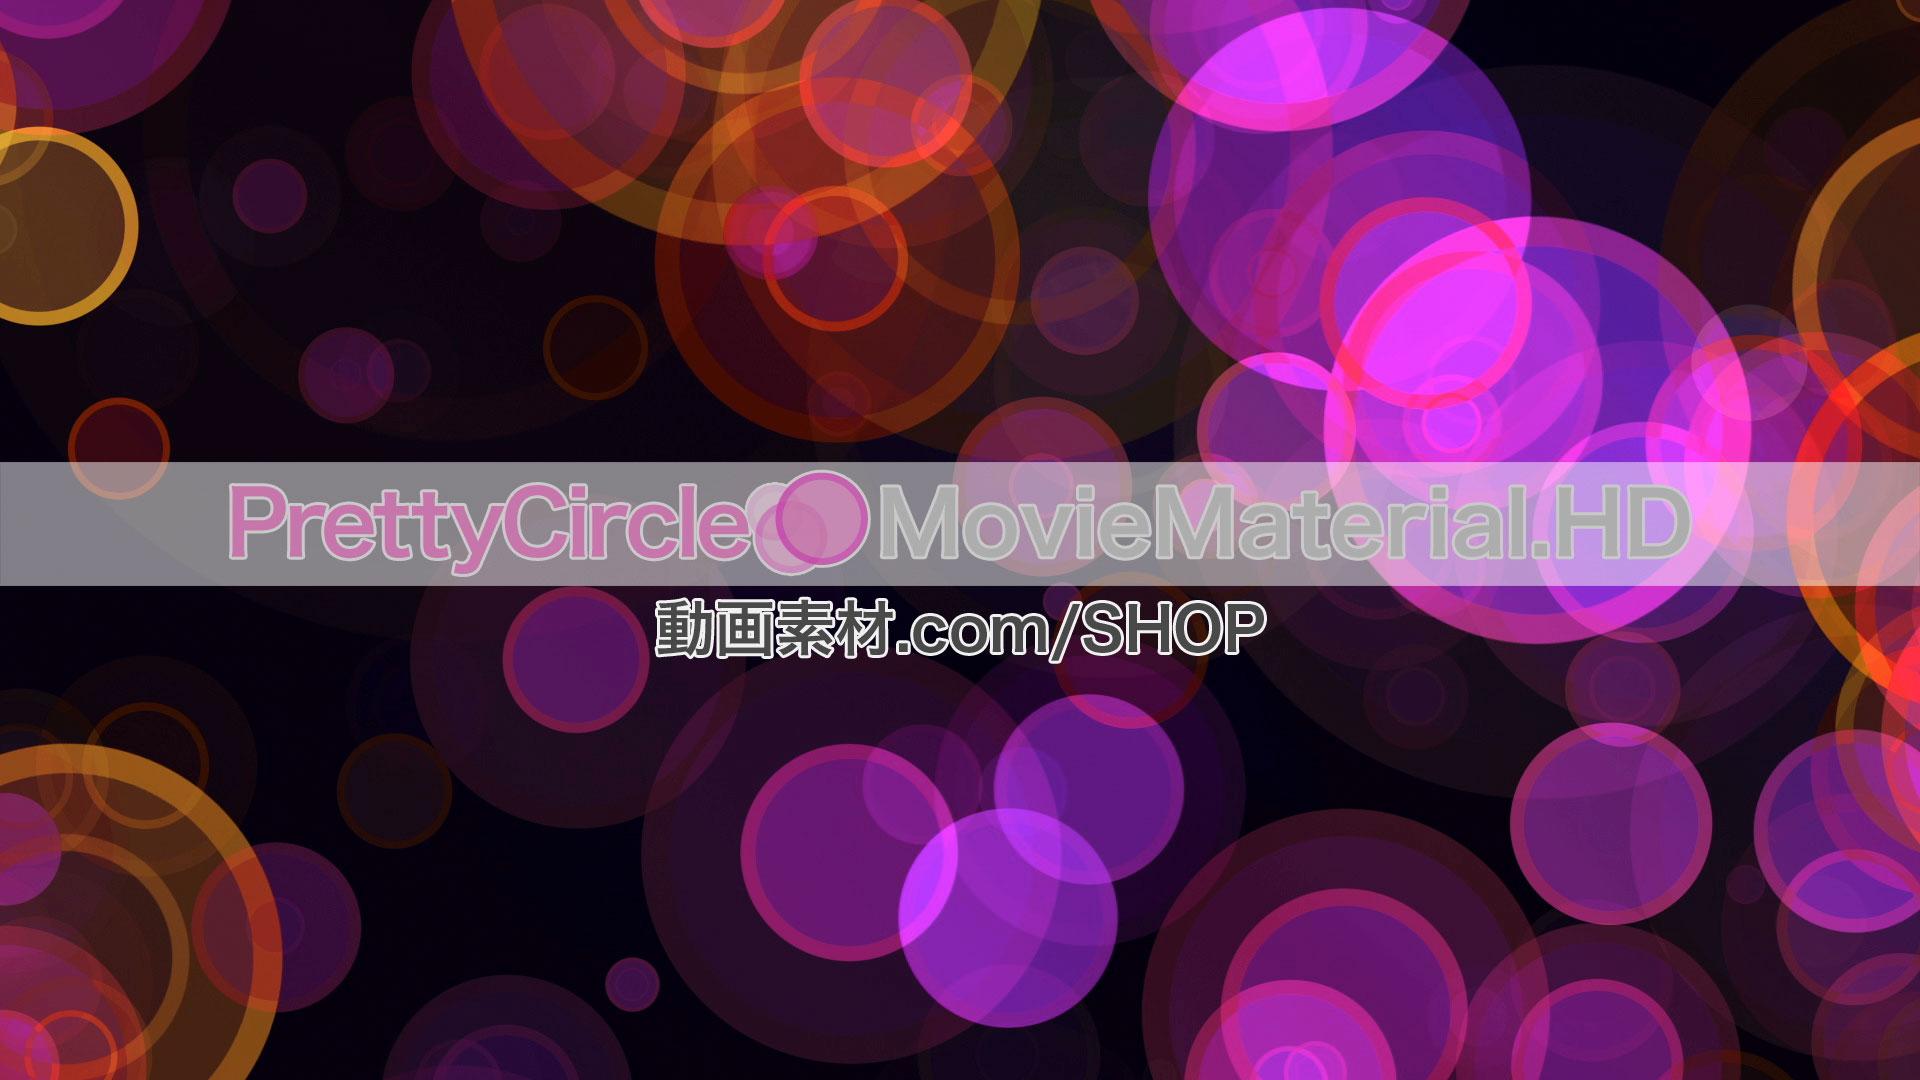 PrettyCircle MovieMaterial.HD 丸や玉をモチーフにしたフルハイビジョンCG動画素材集 ロイヤリティフリーimage10